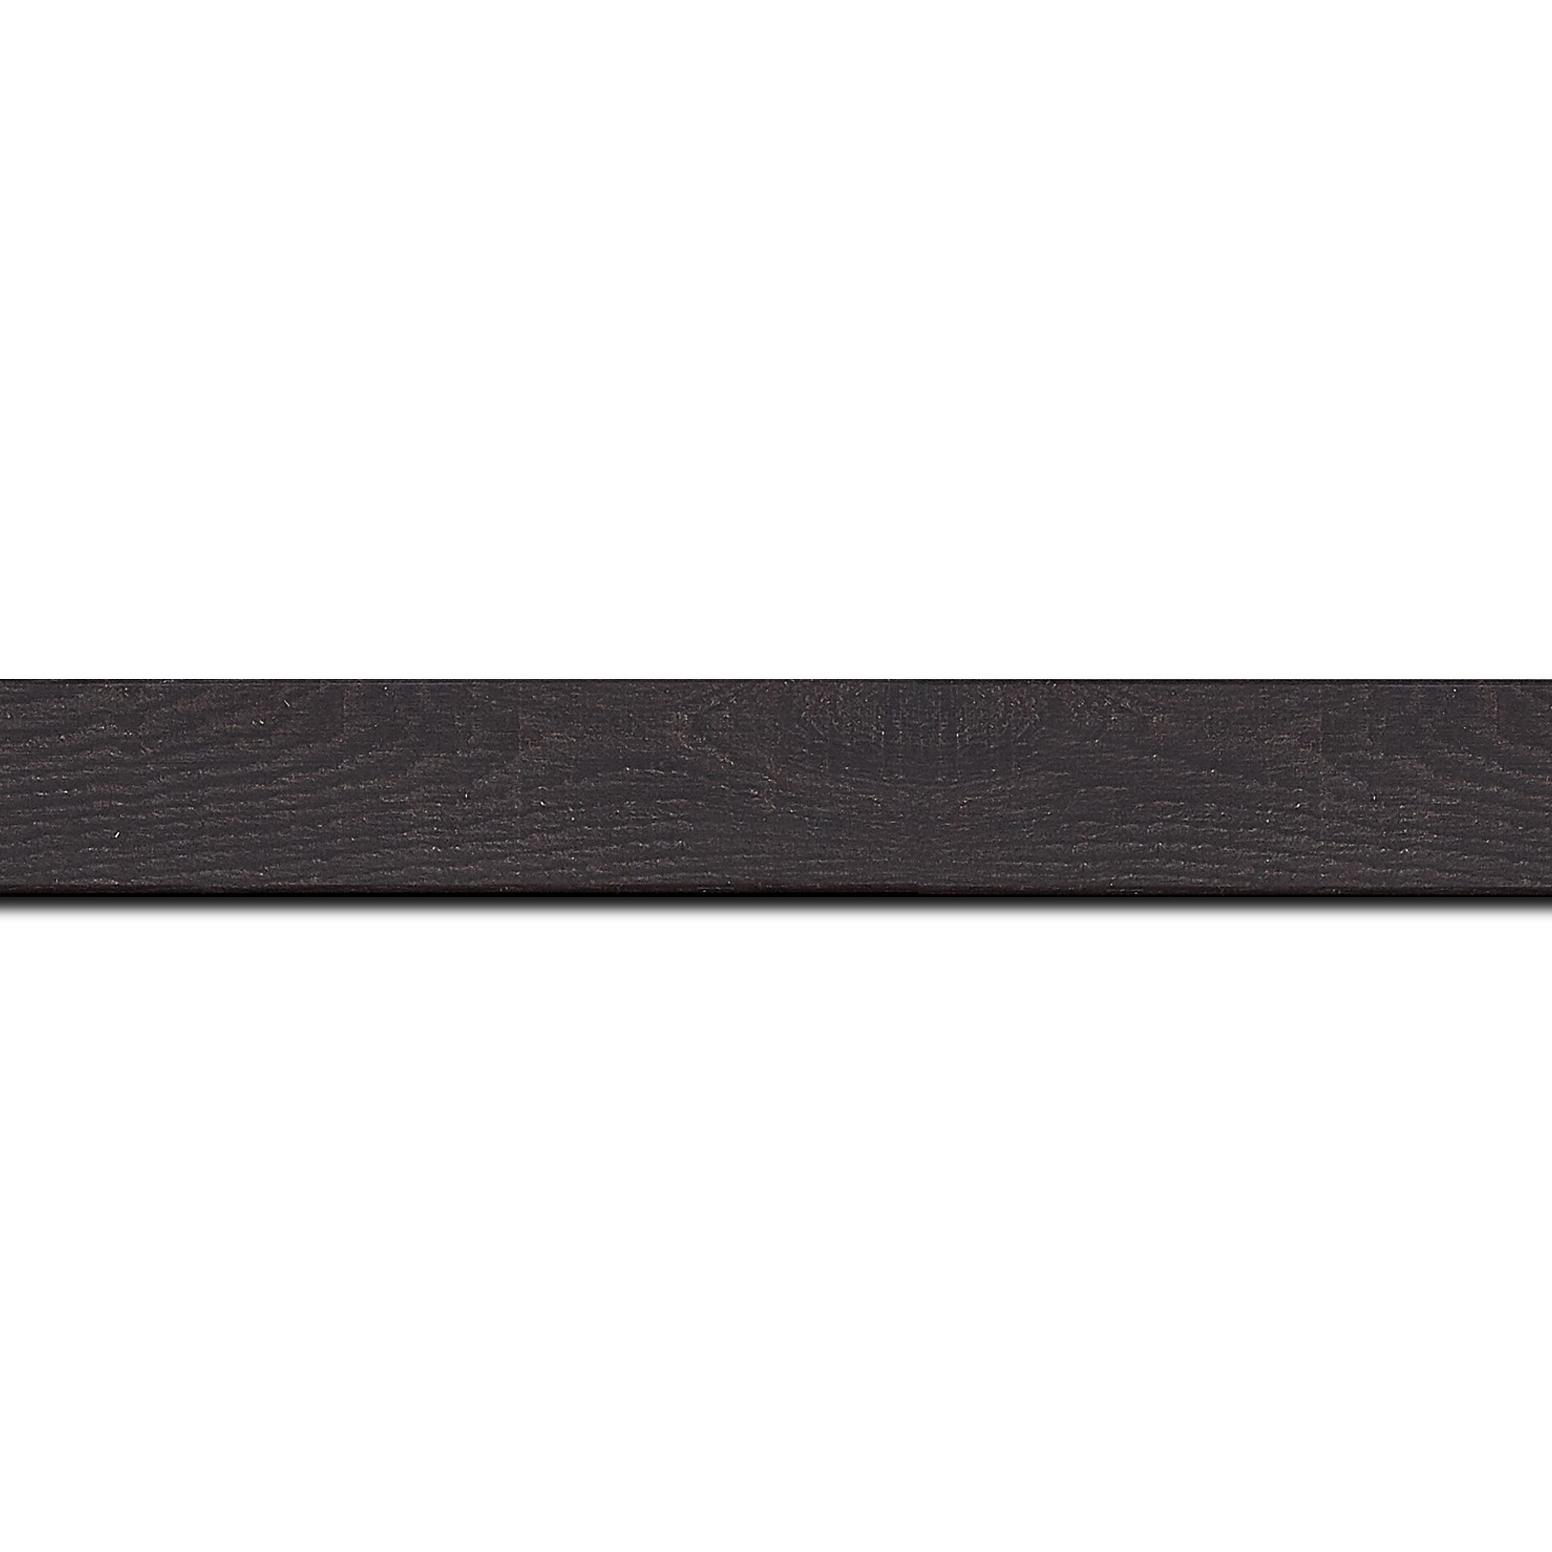 Pack par 12m, bois profil plat largeur 2.6cm hauteur 5cm décor bois wengé foncé(longueur baguette pouvant varier entre 2.40m et 3m selon arrivage des bois)